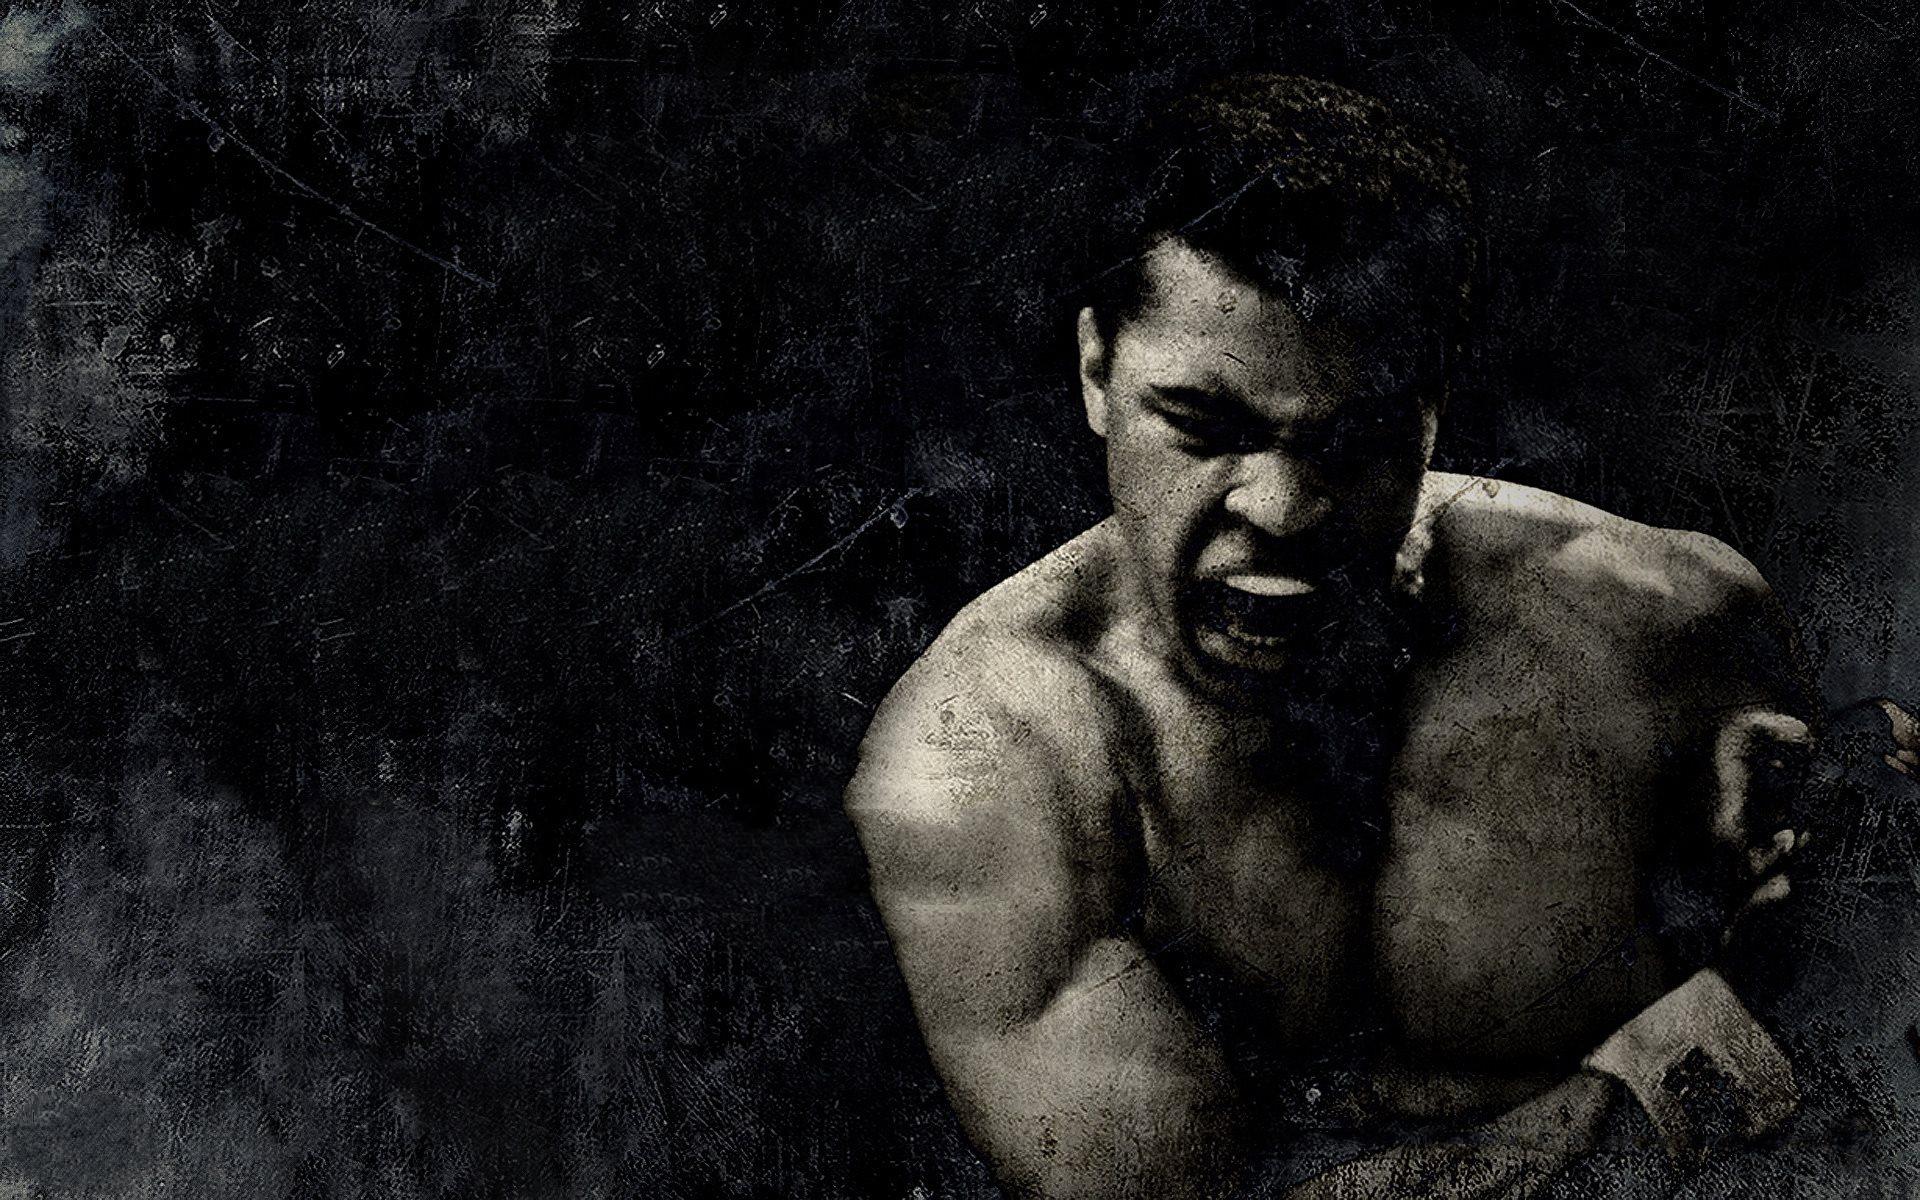 Mohammed Ali Wallpaper